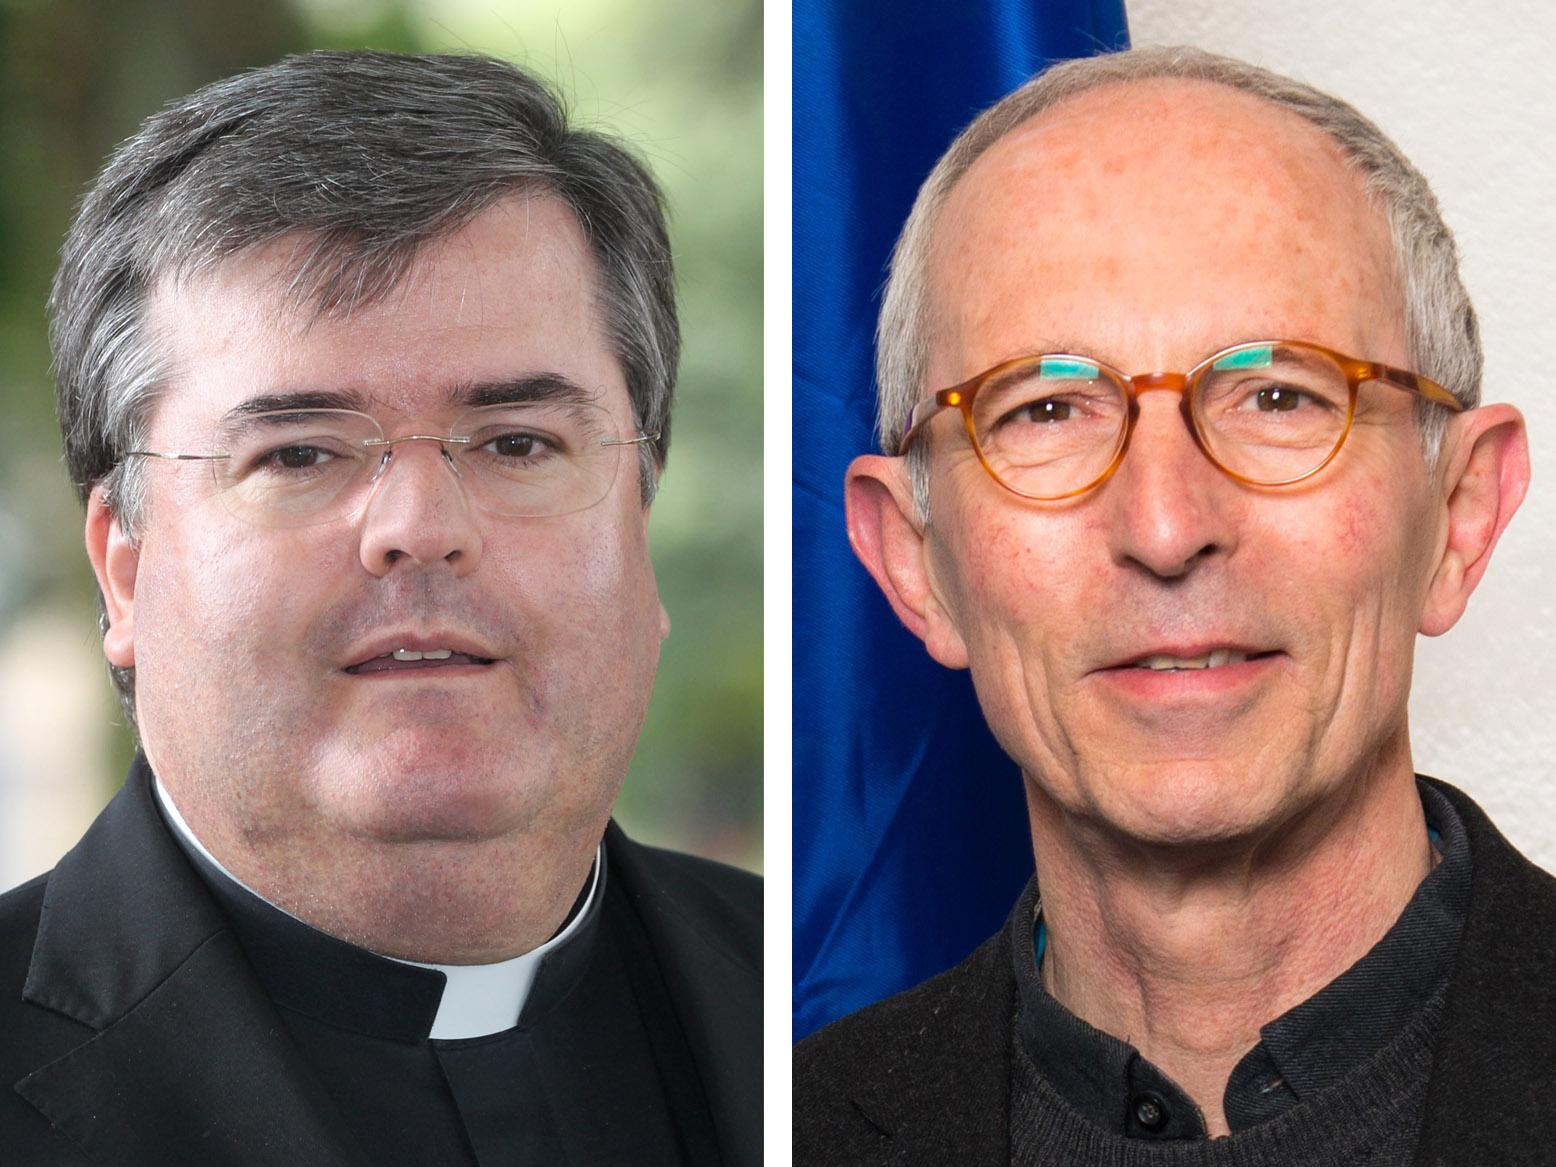 Ab September übernimmt Generalvikar Harald Heinrich (links) die Leitung der PG Dillingen. Der dortige Stadtpfarrer Wolfgang Schneck (rechts) wird Leiter der Priesterseelsorge im Bistum. (Fotos: Annette Zoepf / privat)